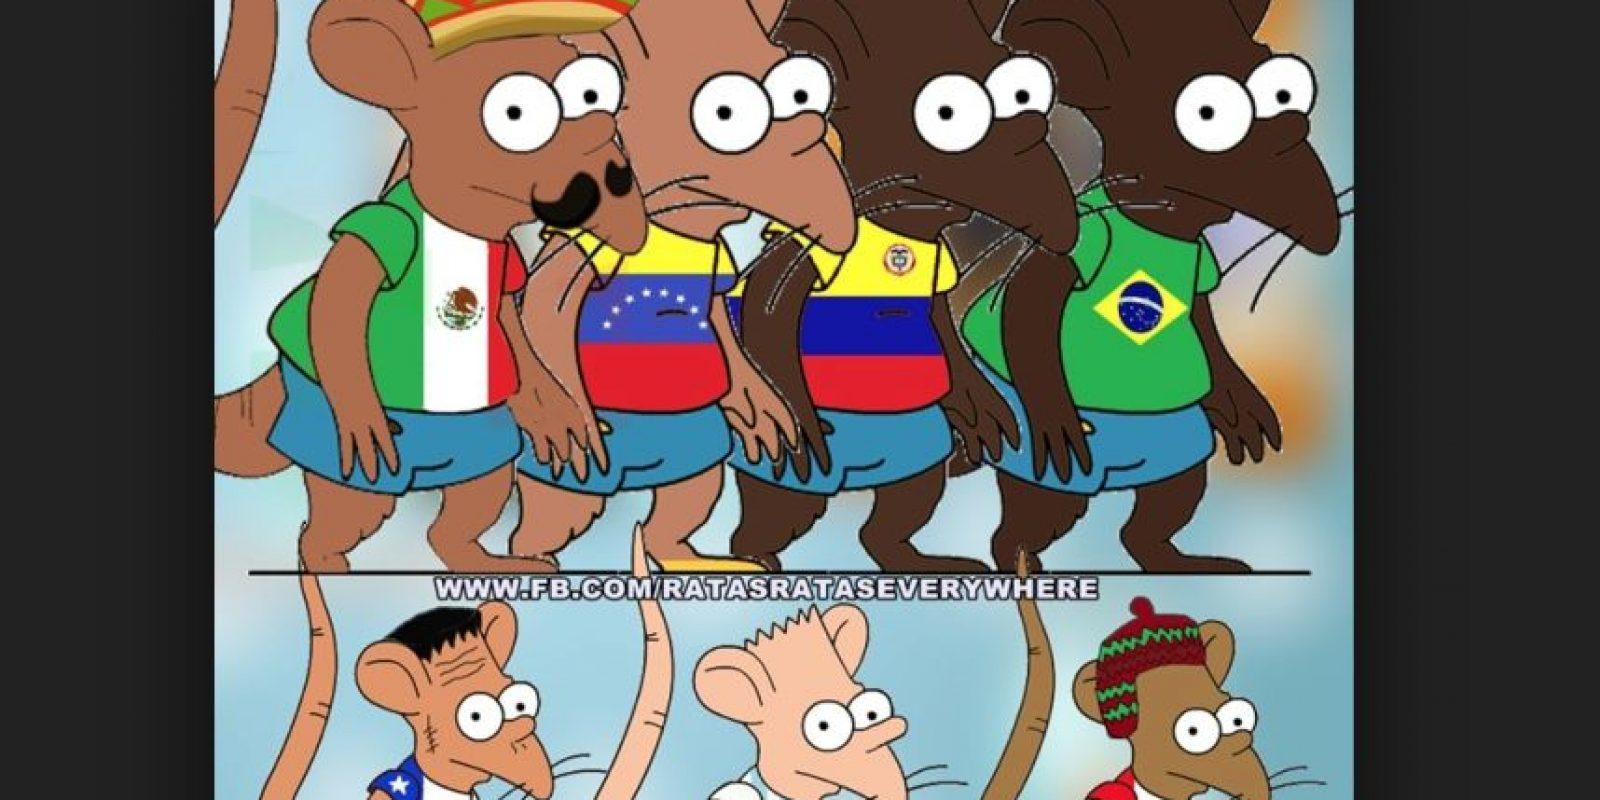 De hecho, hay muchos memes burlándose de este Foto:Taringa